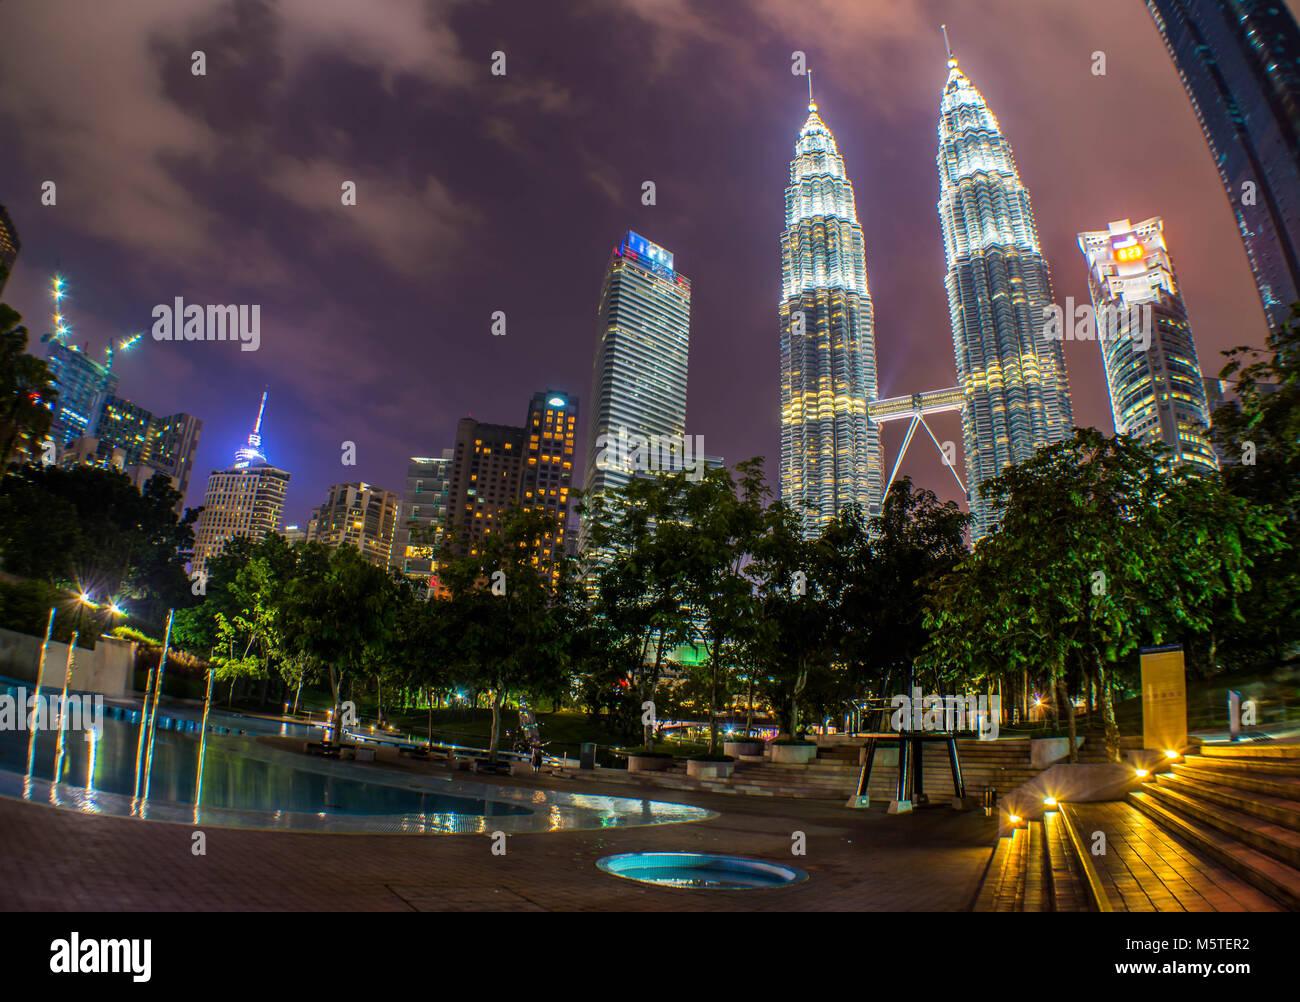 Kuala Lumpur - Petronas Towers KLCC Park - Malesia Immagini Stock